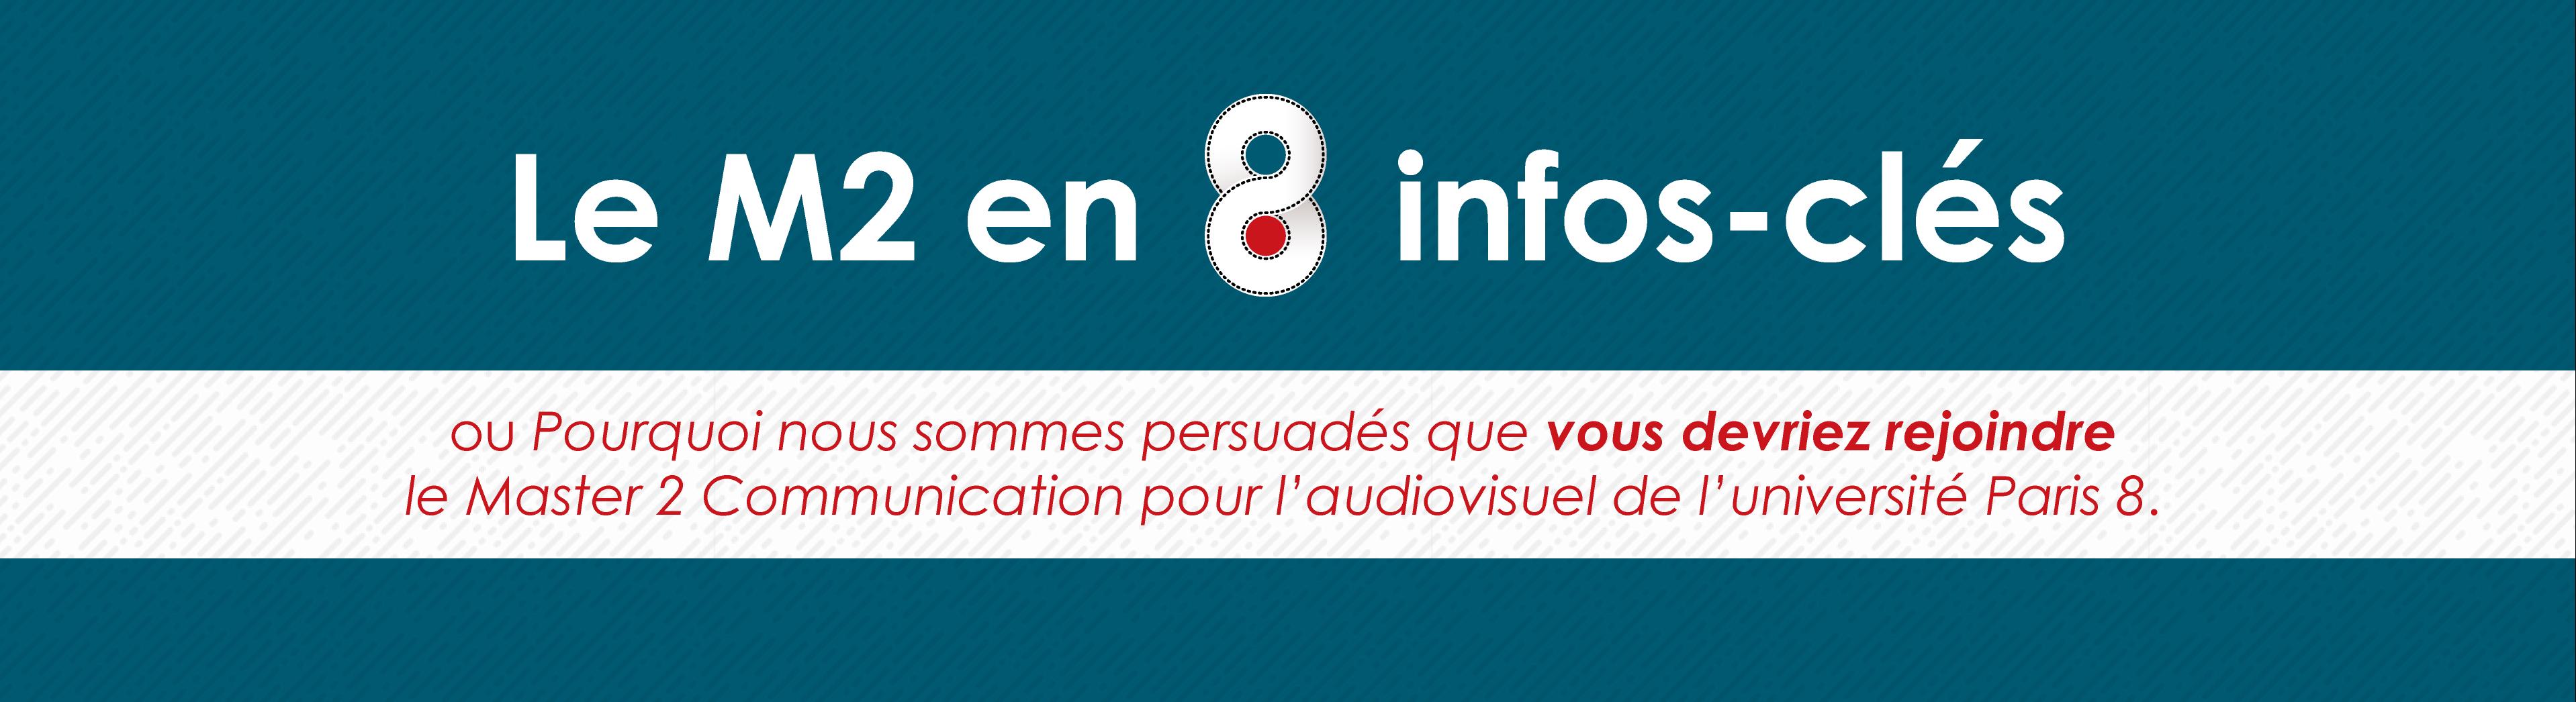 Pourquoi rejoindre le Master 2 Industrie Audiovisuelle de Paris 8 - Header